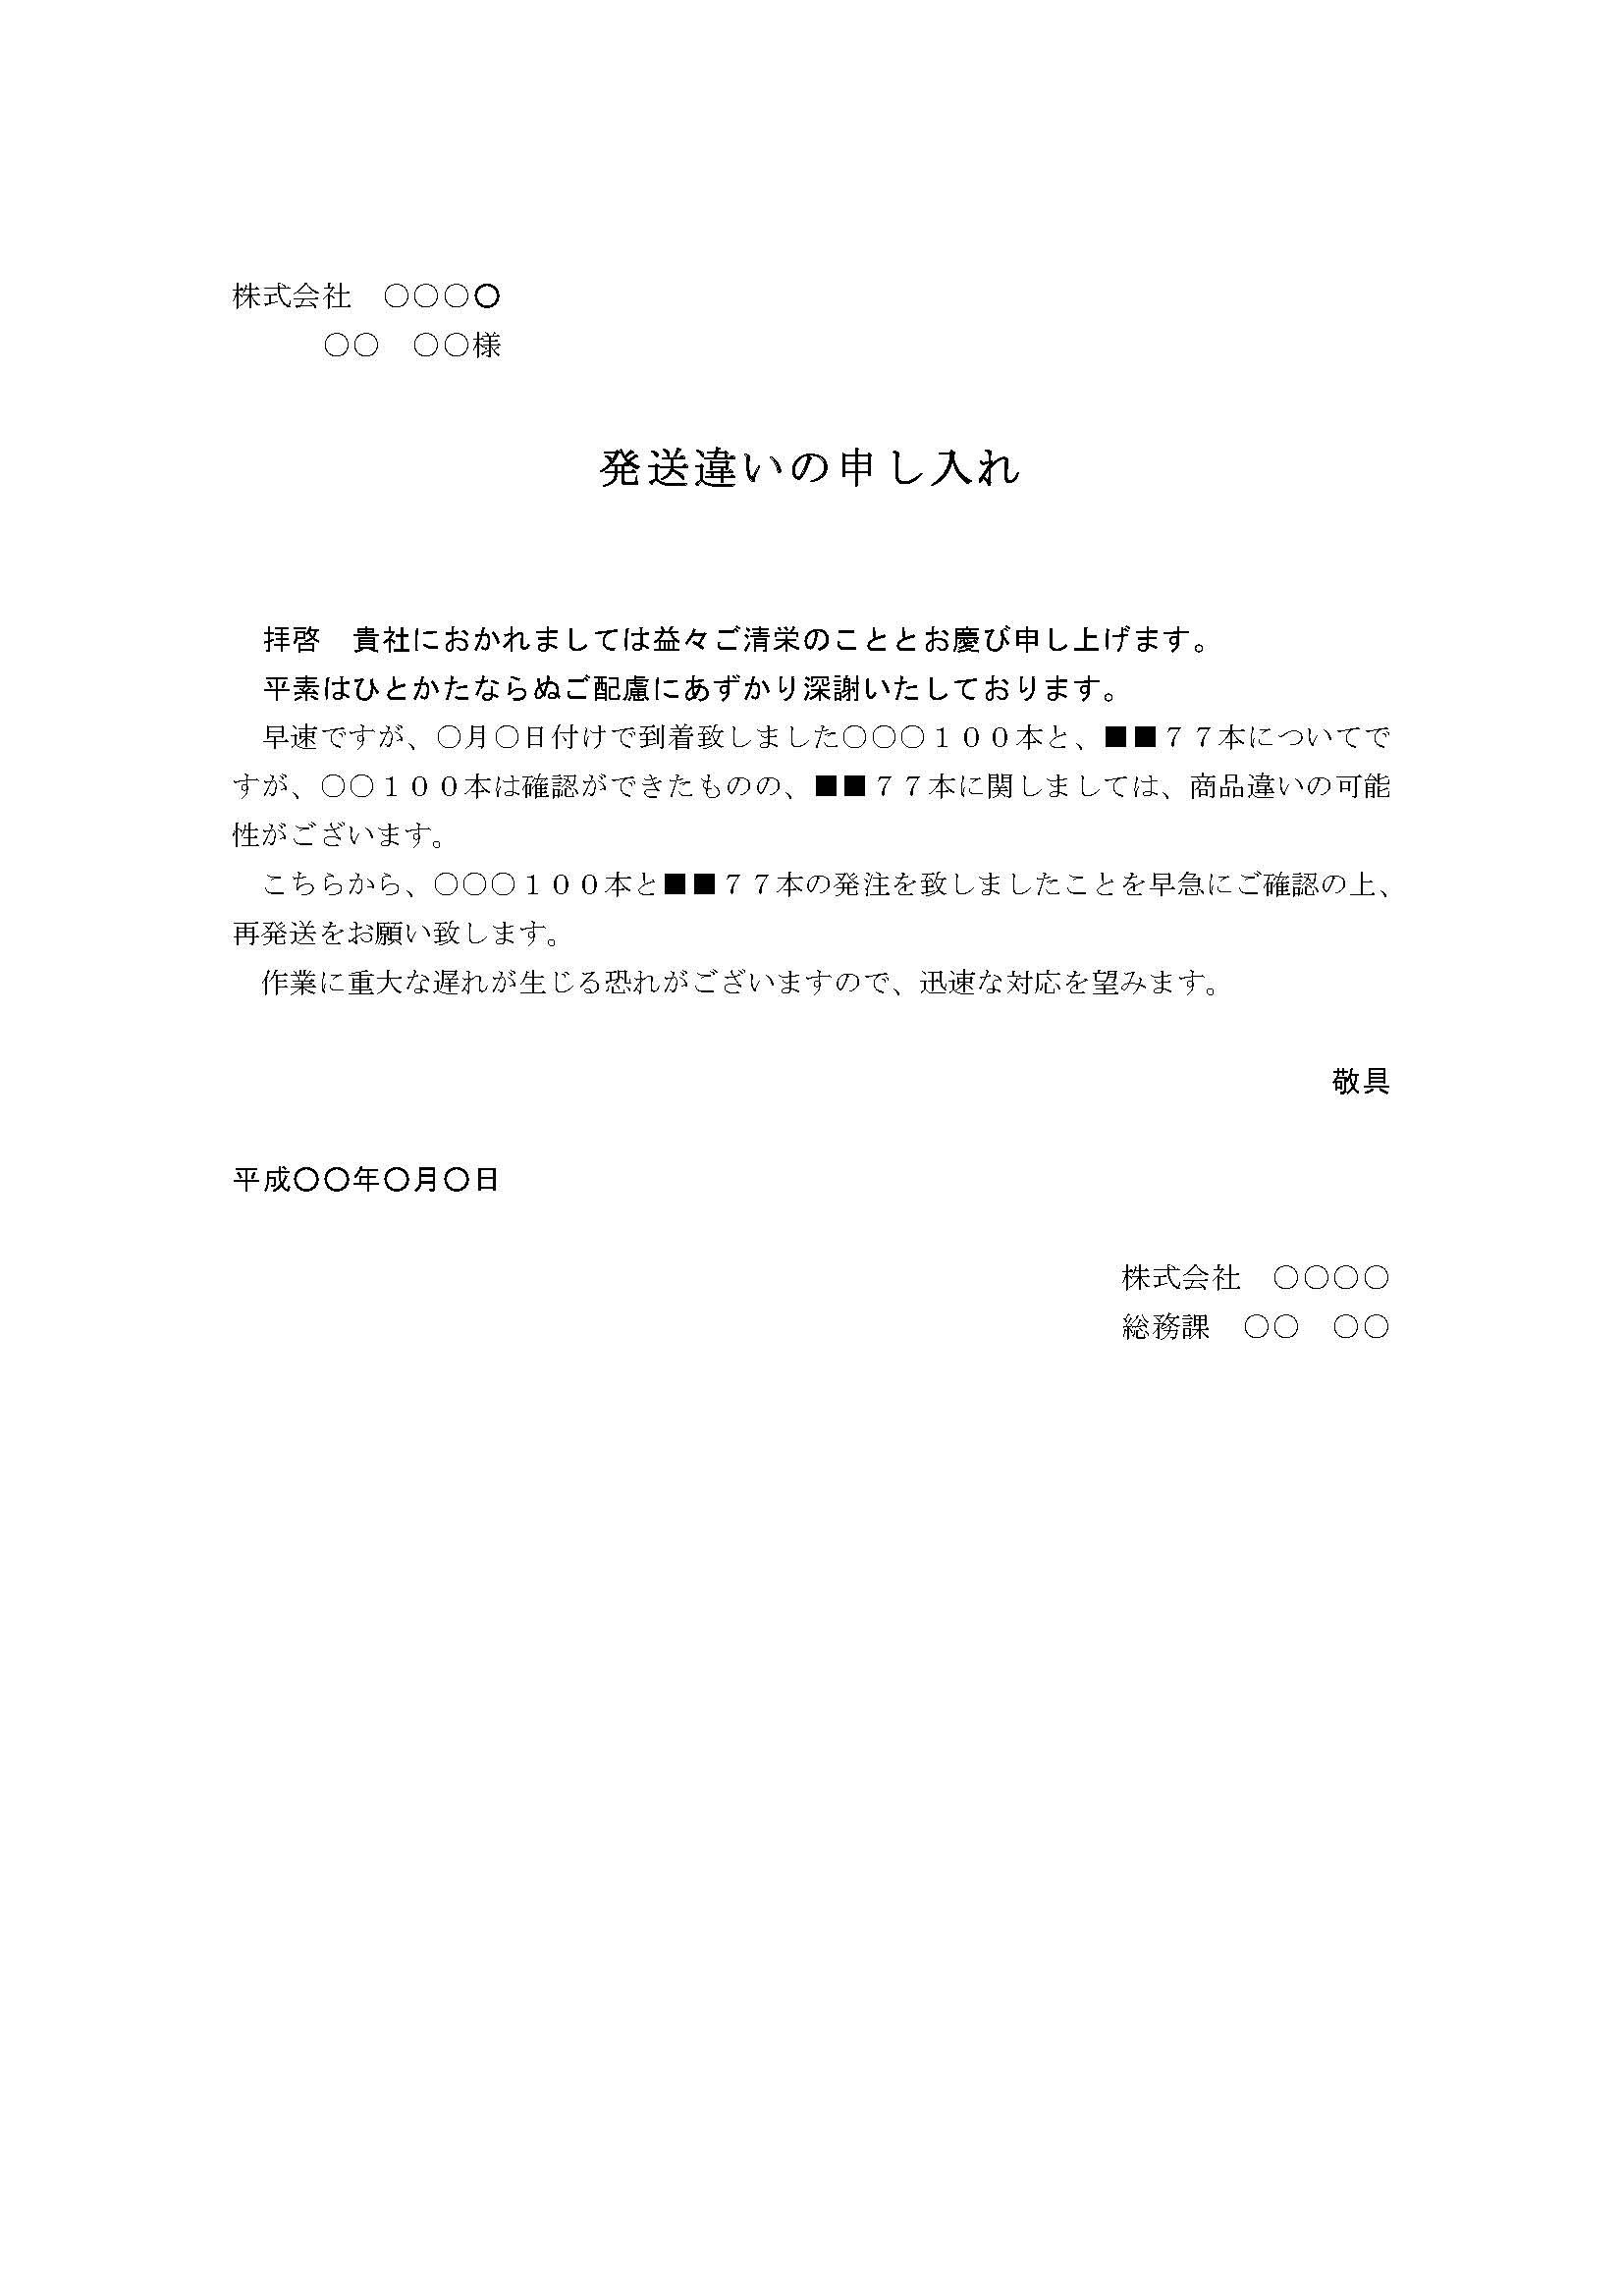 申入書(発送違い)